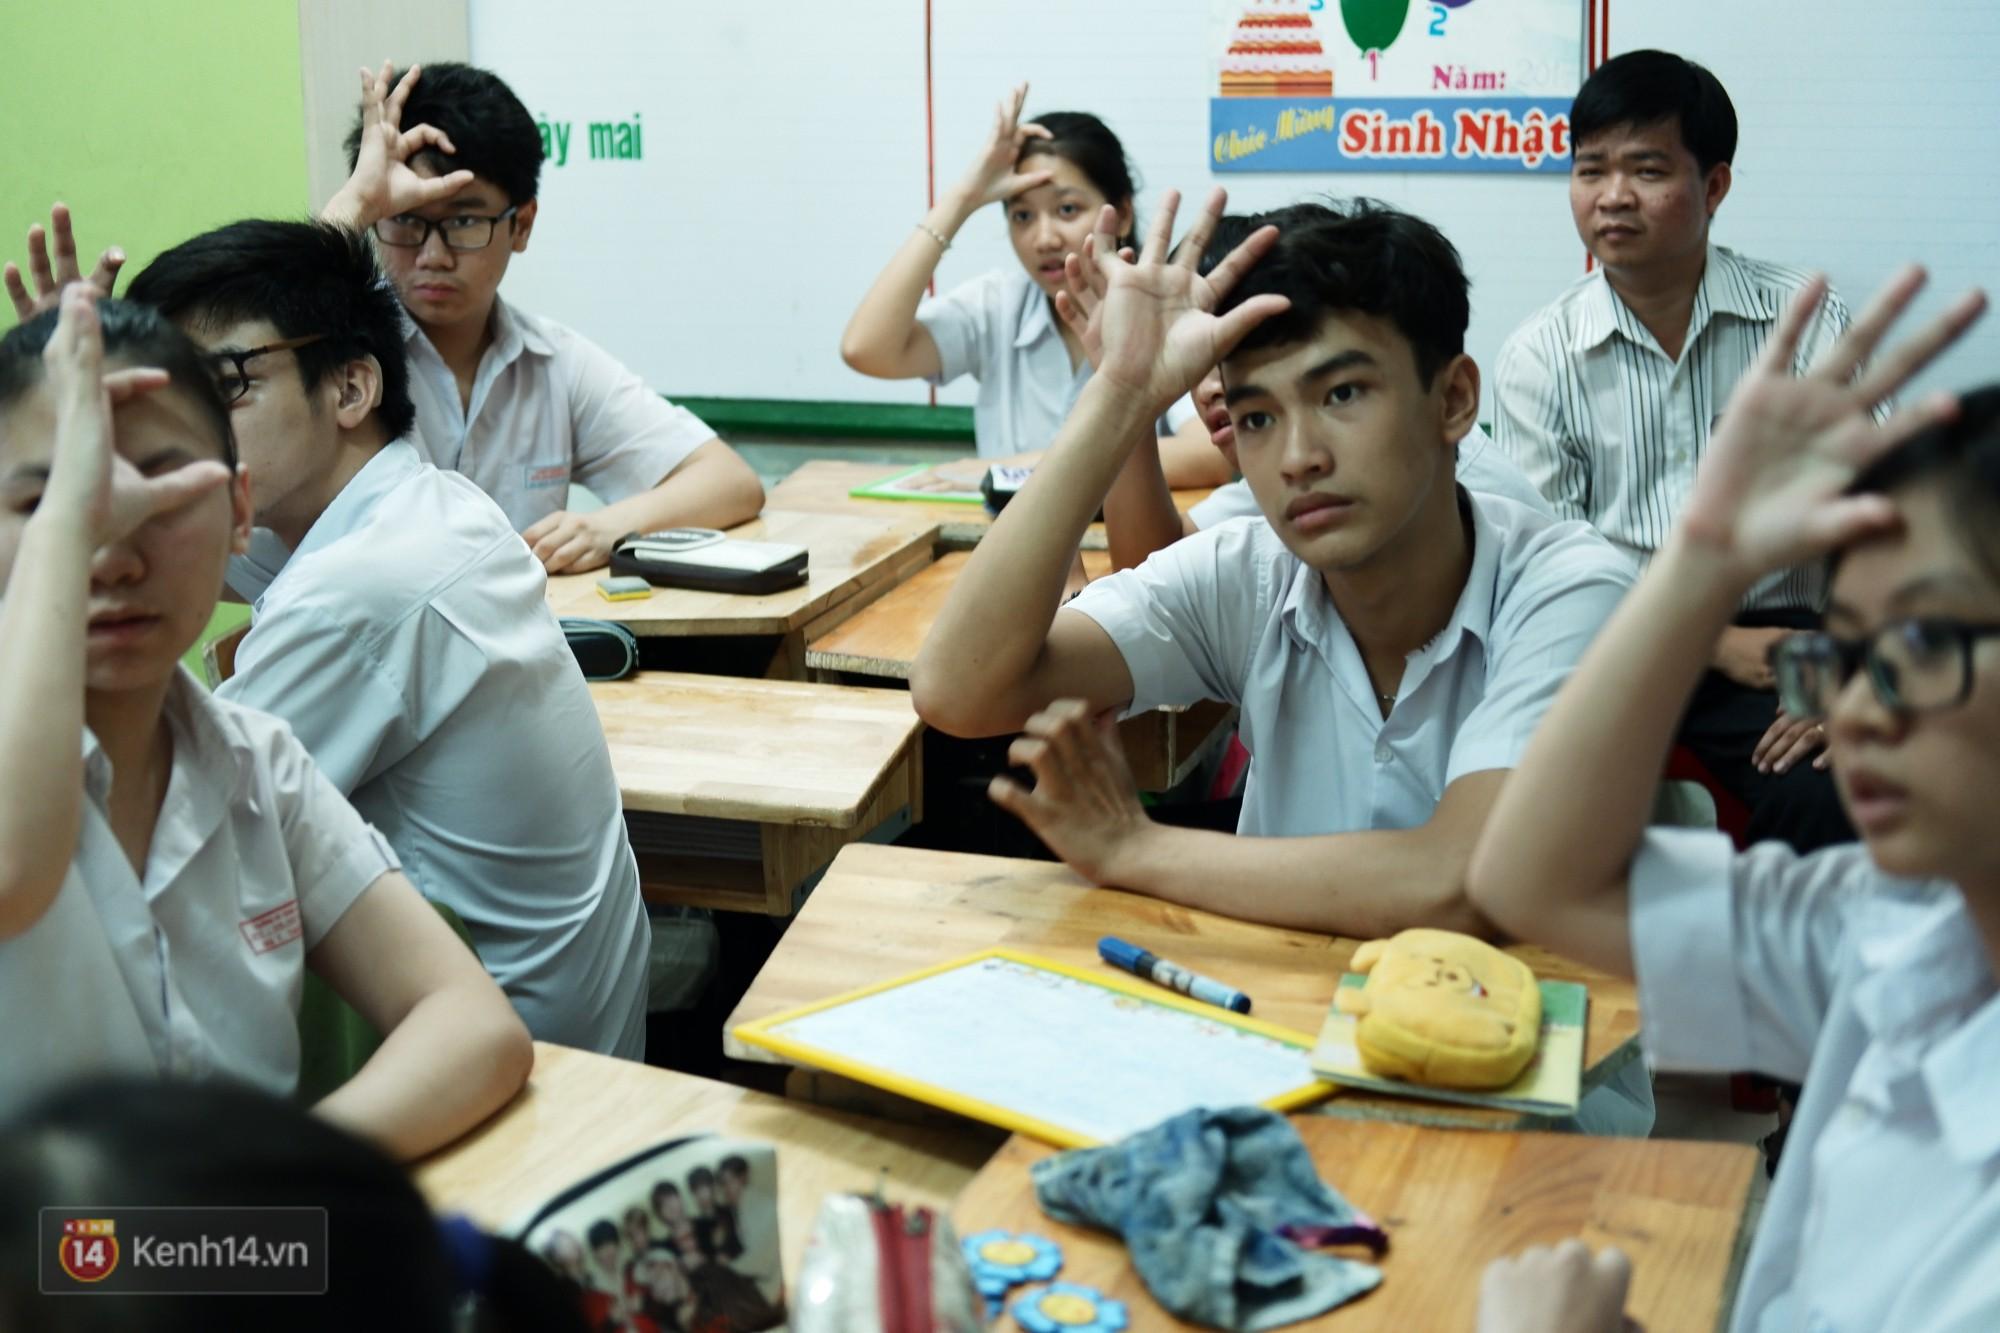 Lớp học thinh lặng giữa Sài Gòn: Không tiếng giảng bài không lời phát biểu, nhưng không tắt hy vọng bao giờ - Ảnh 2.